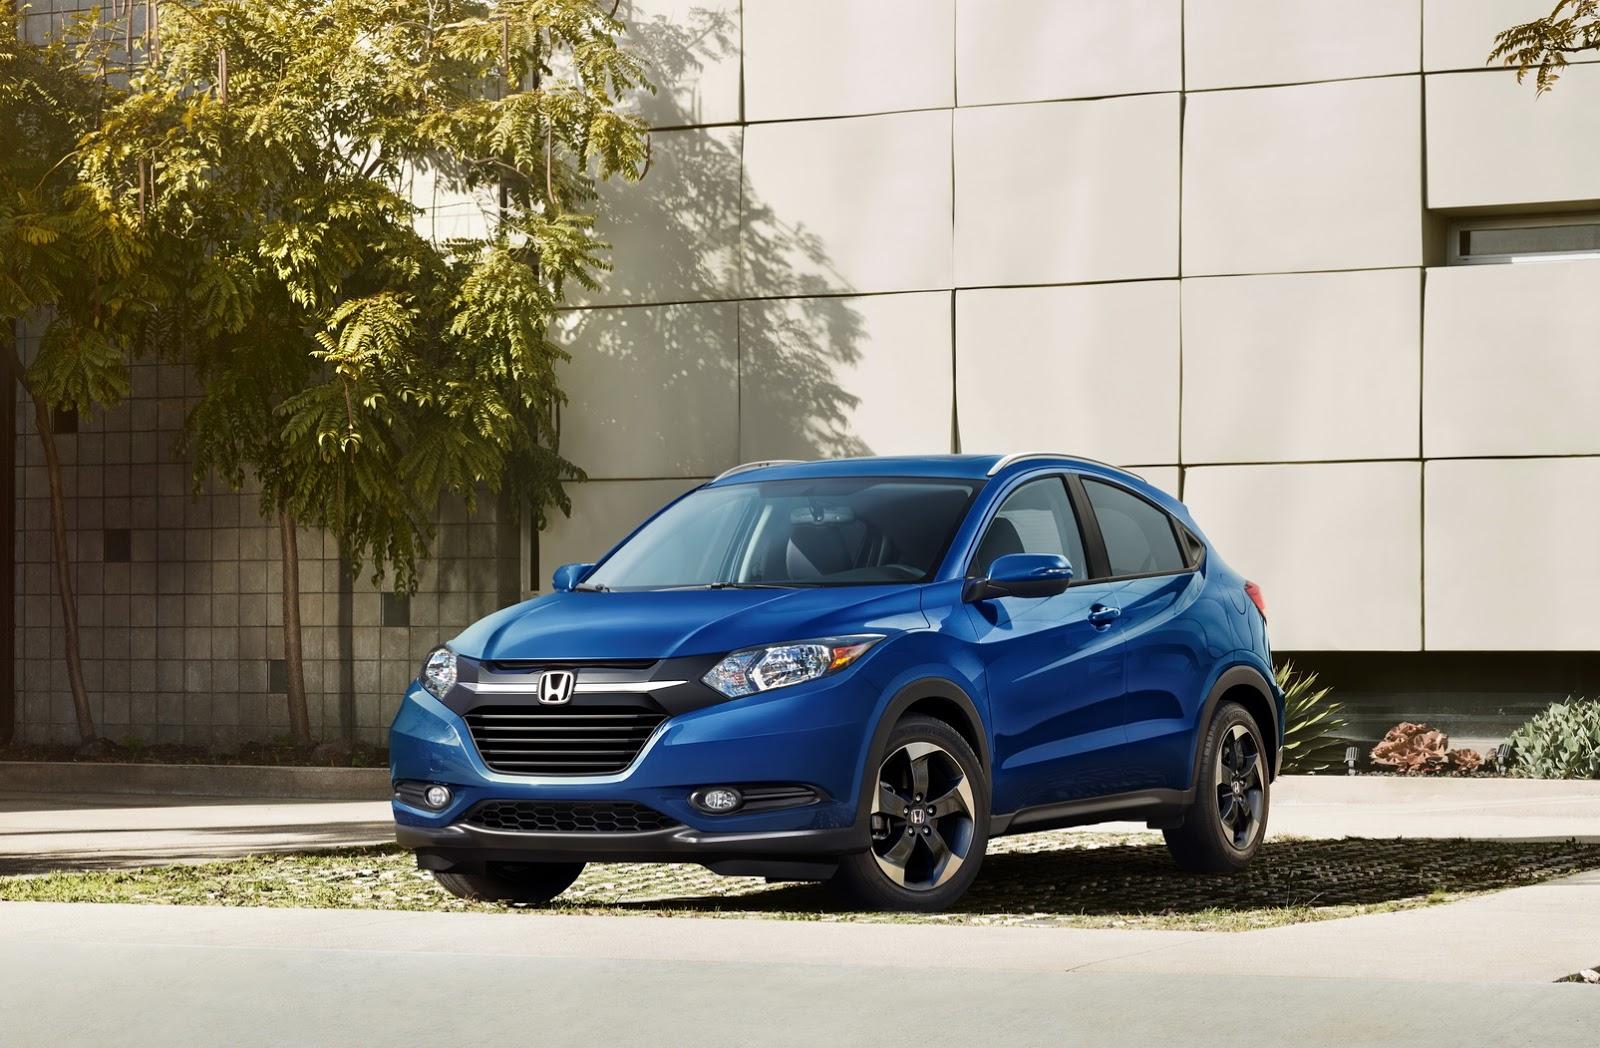 2018 Honda HR-V Gets Small Price Bump, New Exterior Color And Wheel Design - autoevolution